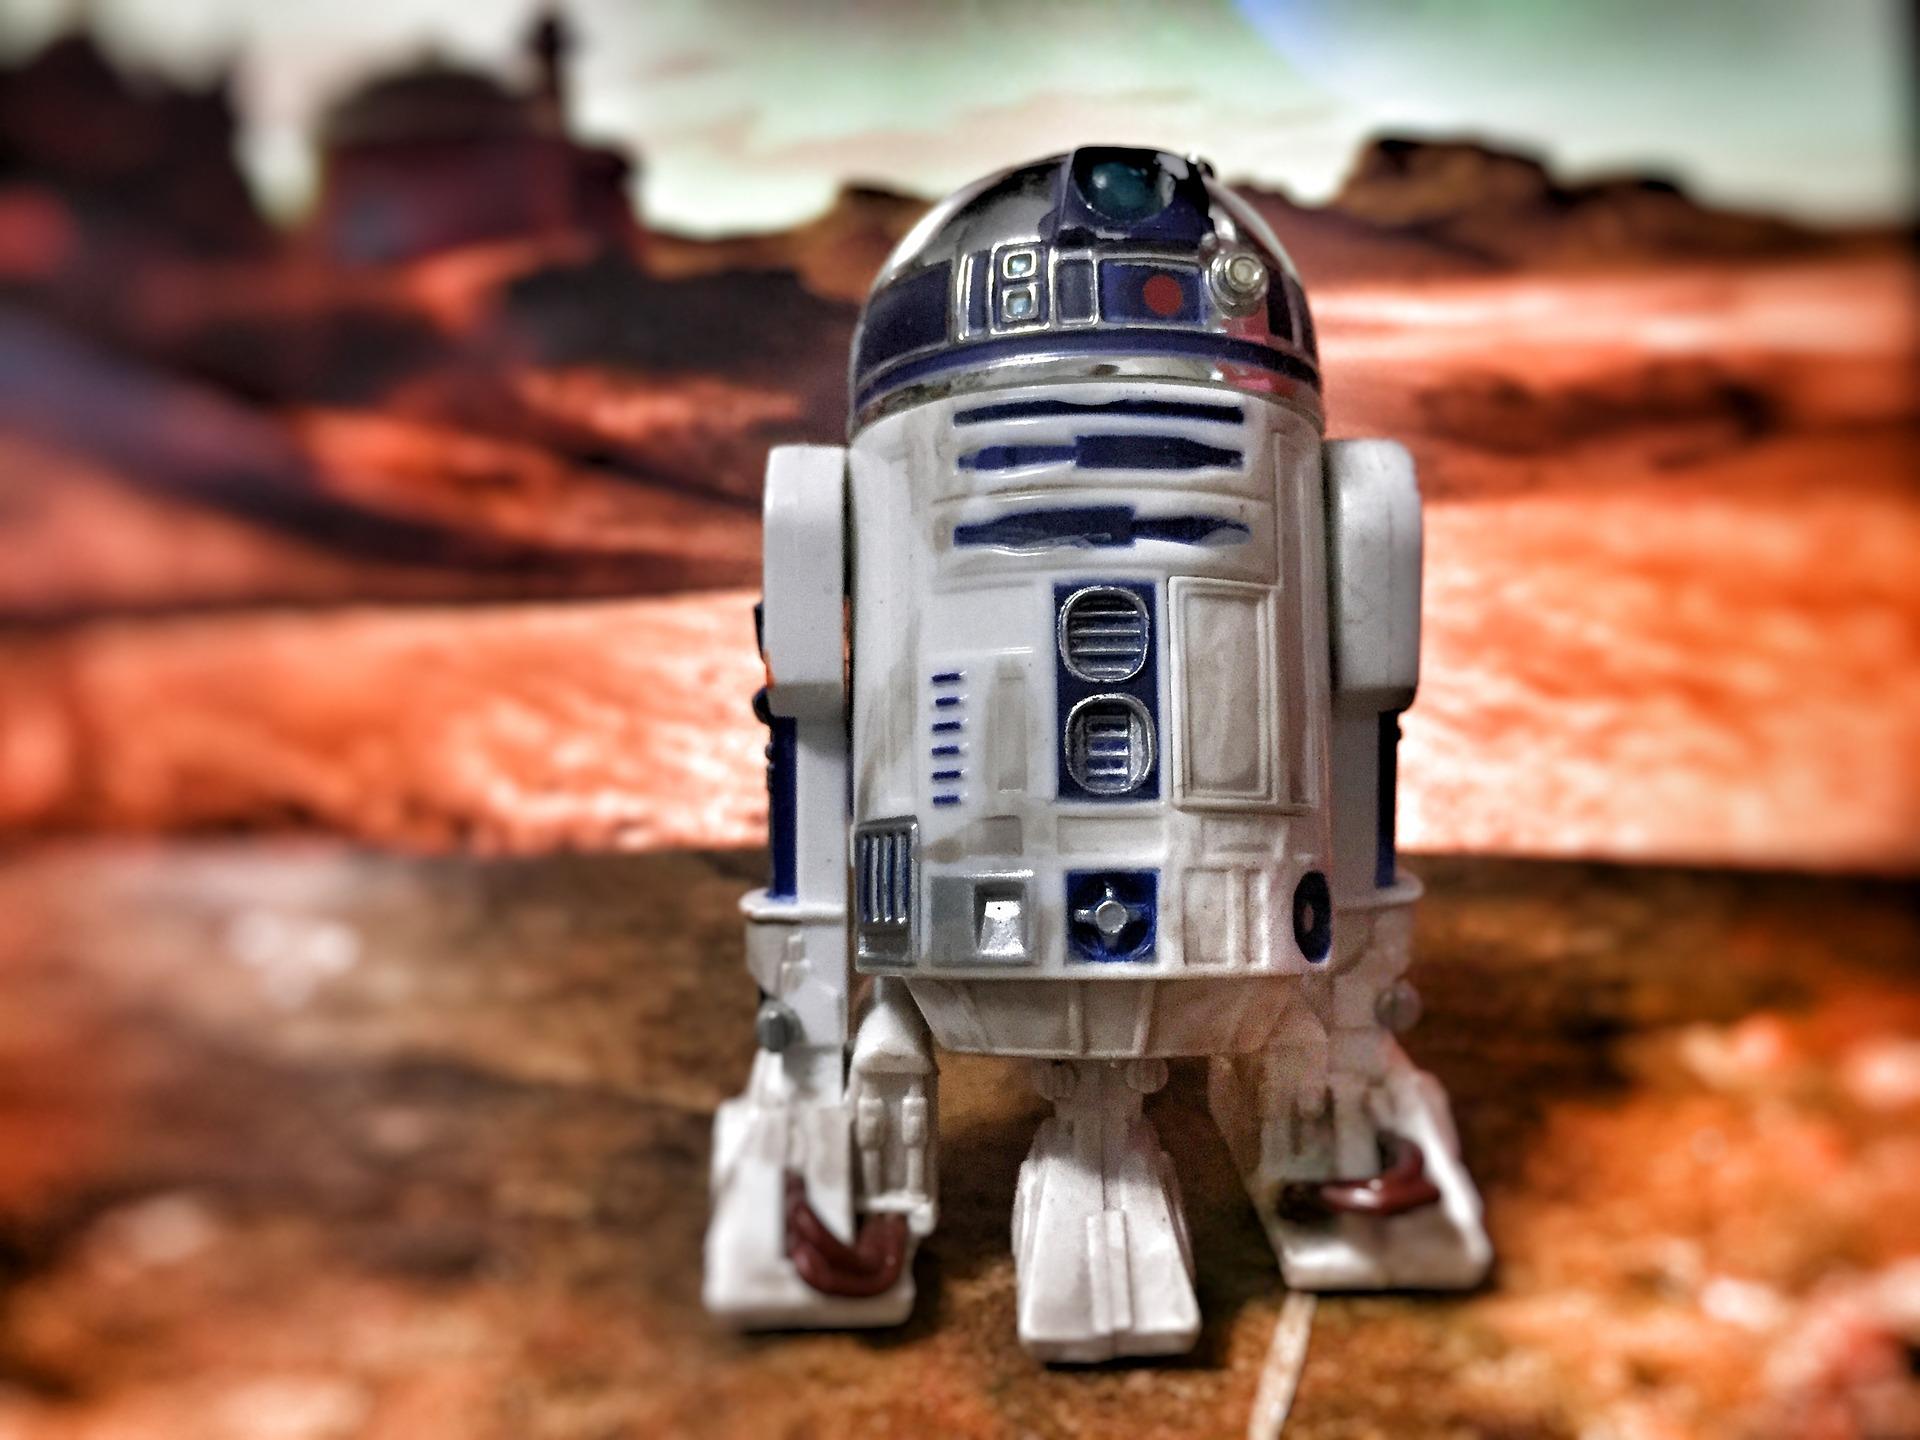 Star Wars R2D2 Toy